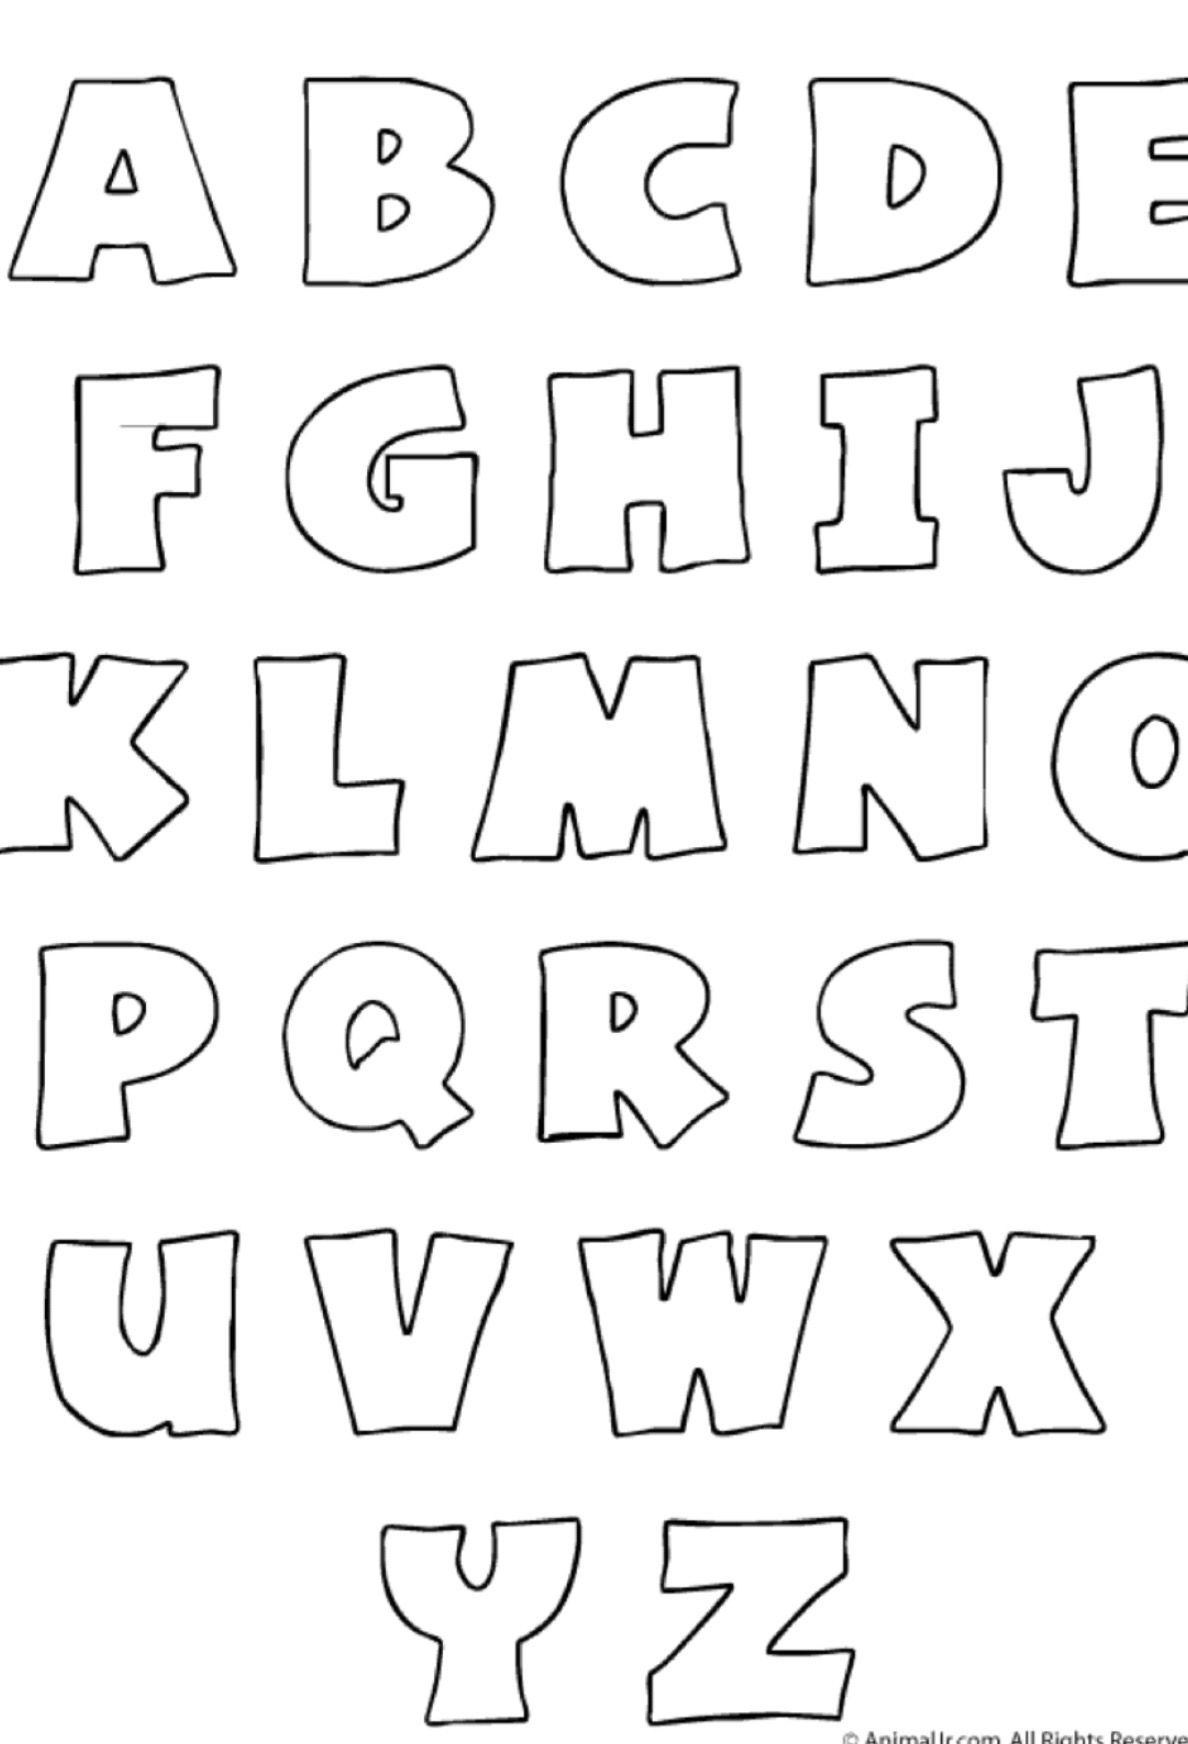 Plantilla para imprimir el abecedario. | Patrones y Moldes ...